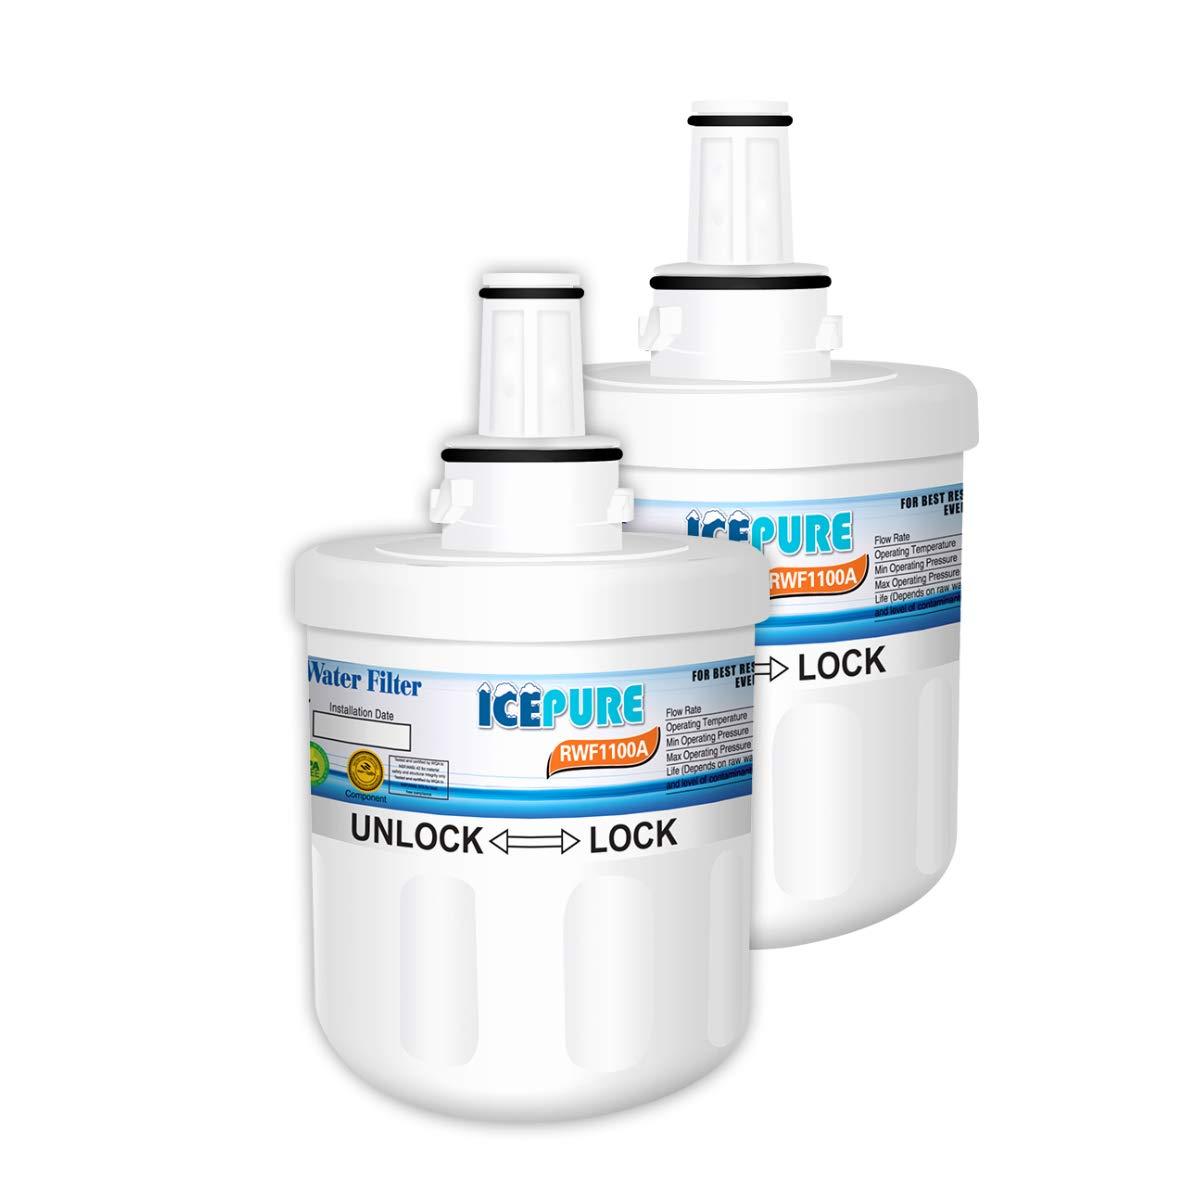 ICEPURE DA29-00003G Refrigerator Water Filter Replacement For Samsung DA29-00003G, DA29-00003B, HAFCU1, DA29-00003A Advanced Series, RWF1100A, 2PACK